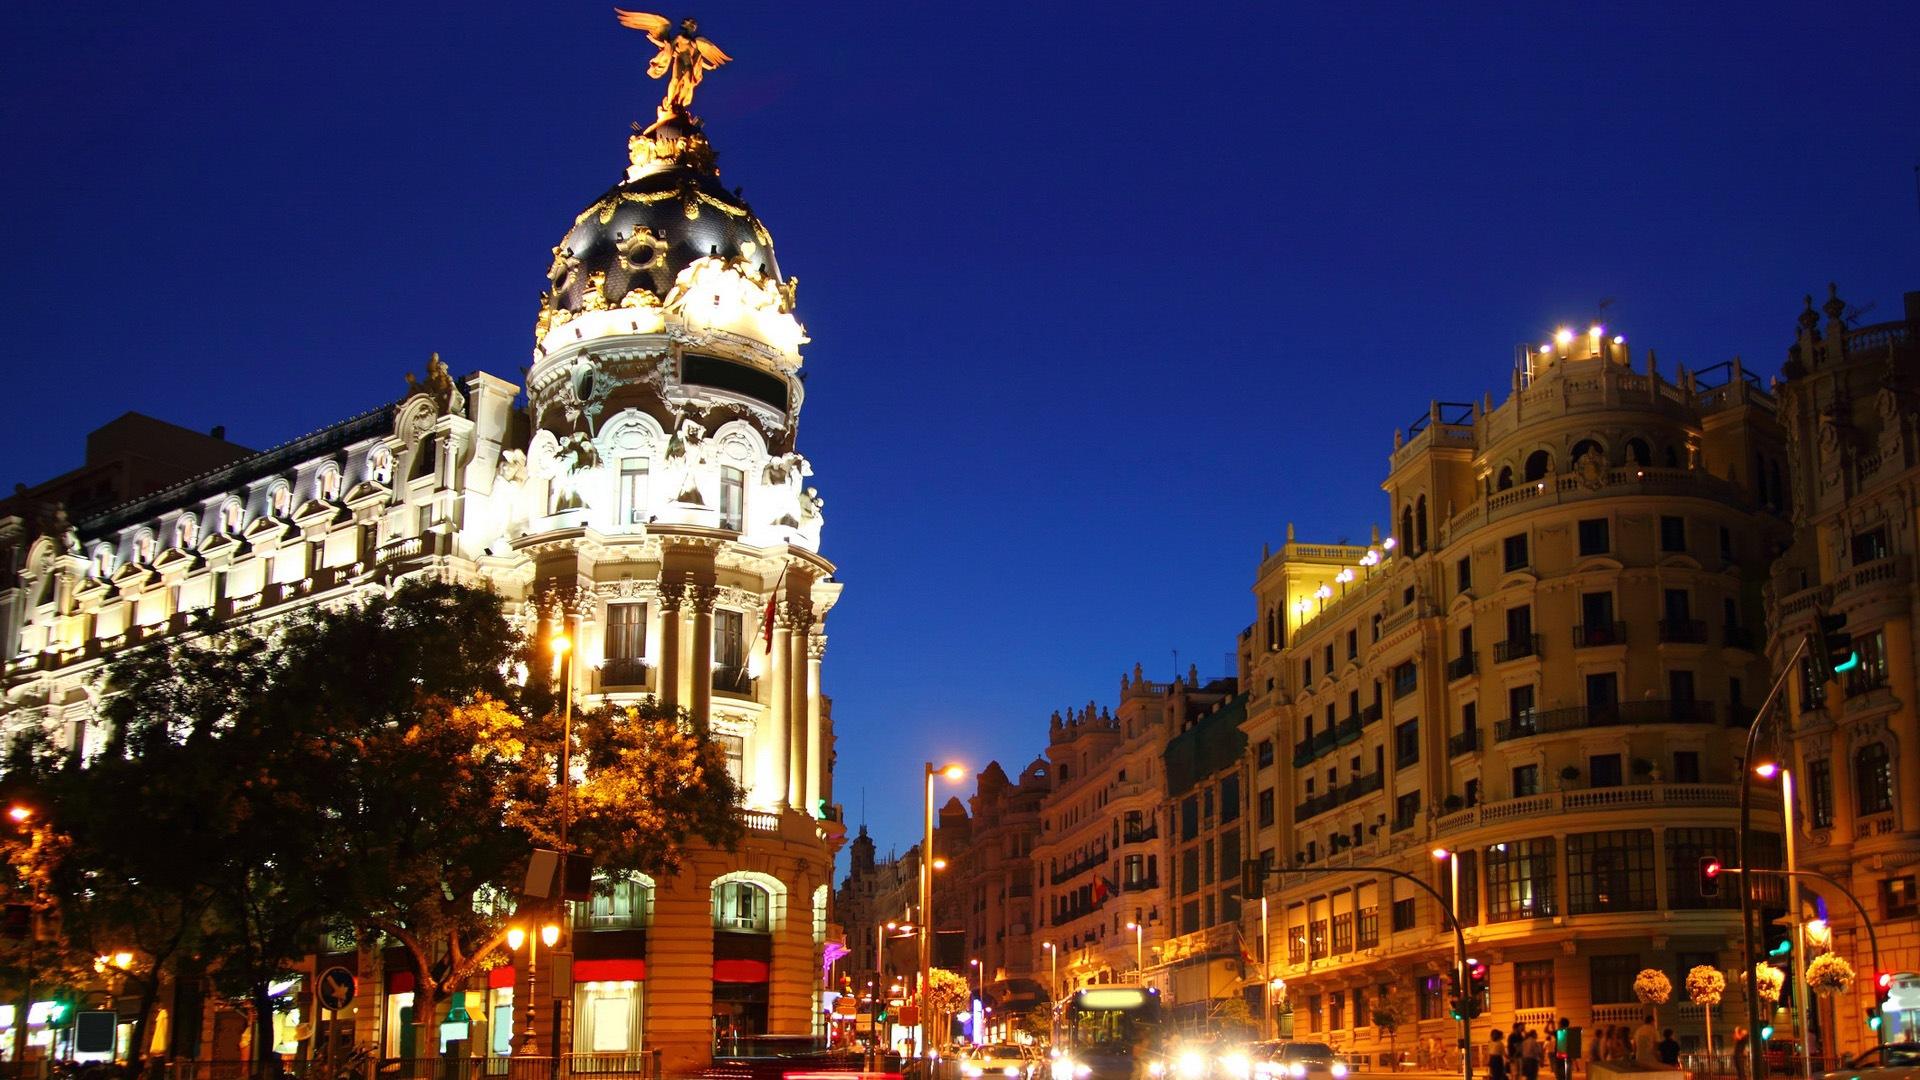 マドリードスペインの首都 都市の風景のhdの壁紙 16 19x1080 壁紙ダウンロード マドリードスペインの首都 都市の風景のhdの壁紙 風景 壁紙 V3の壁紙